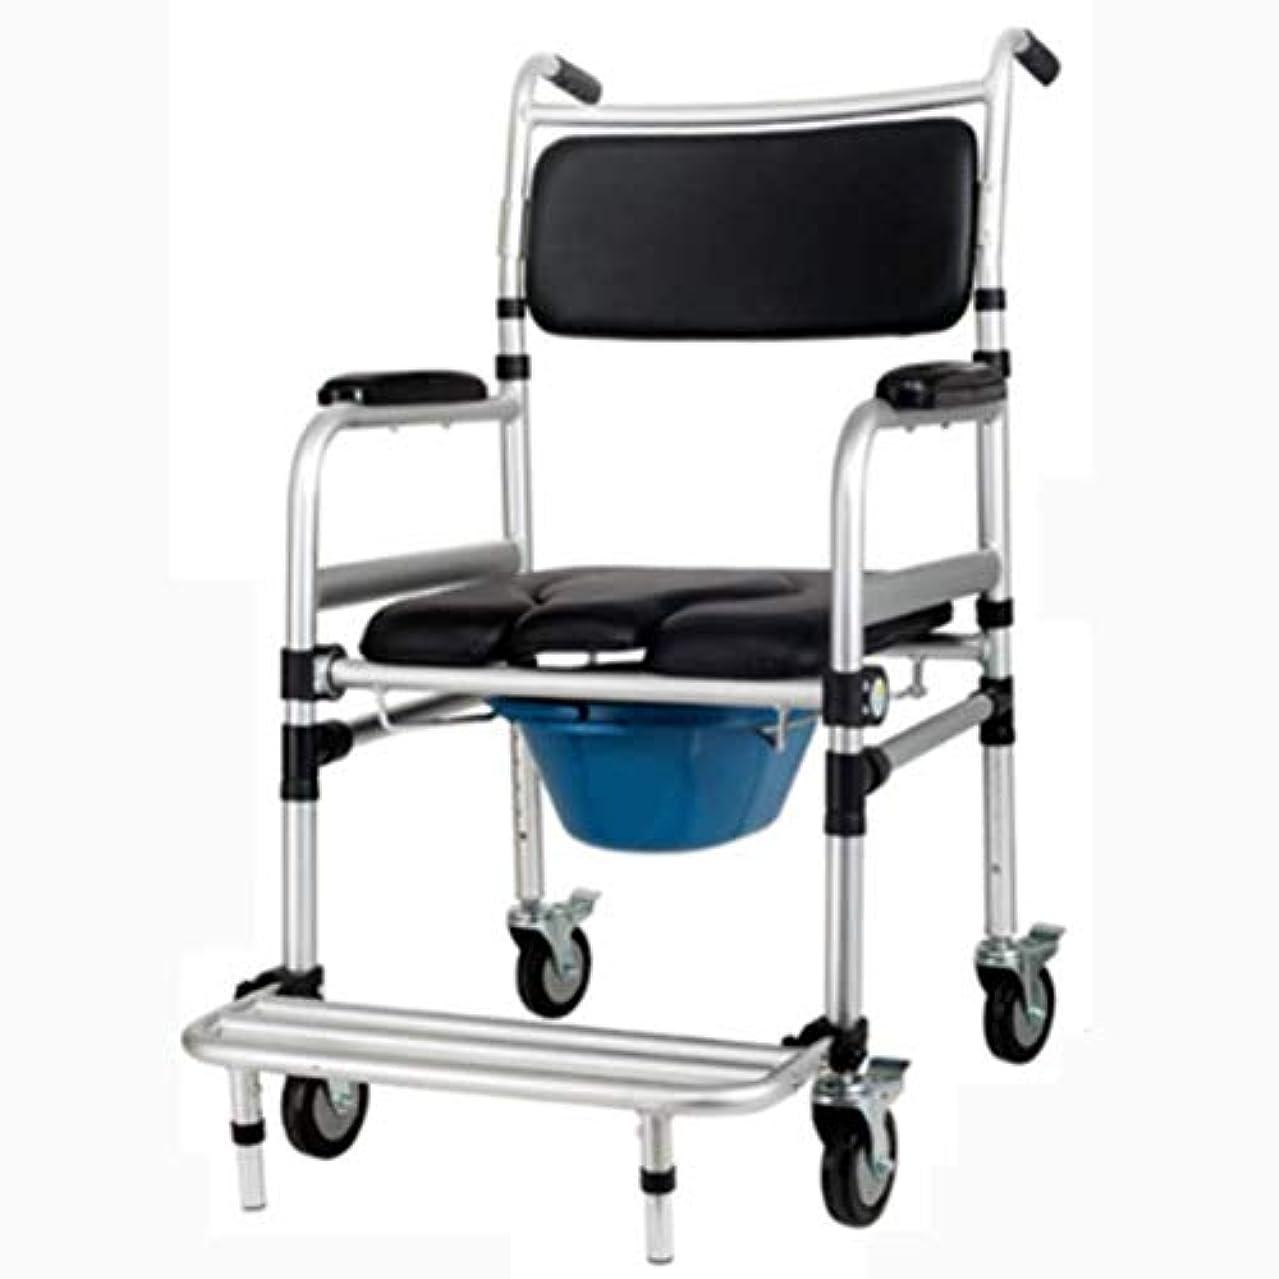 浸漬実験室語トイレシート車椅子トロリー軽量折りたたみリハビリ車椅子ポータブルトロリー高齢者障害者車椅子